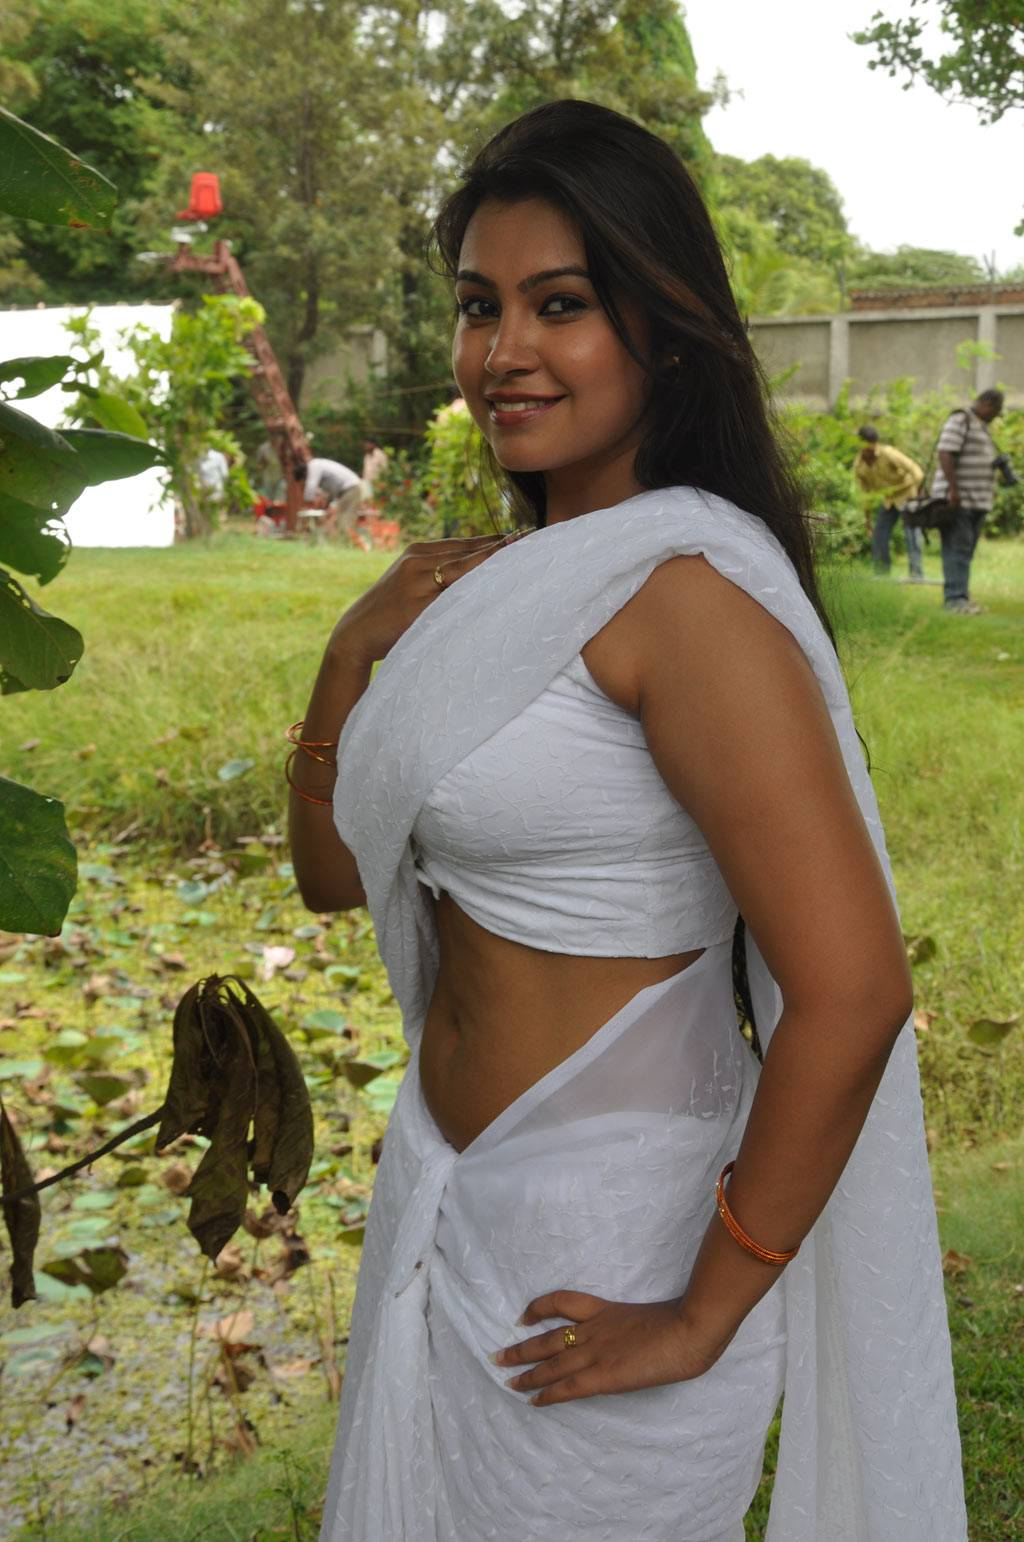 Hot Tamil Actress In White Saree Photos-1534